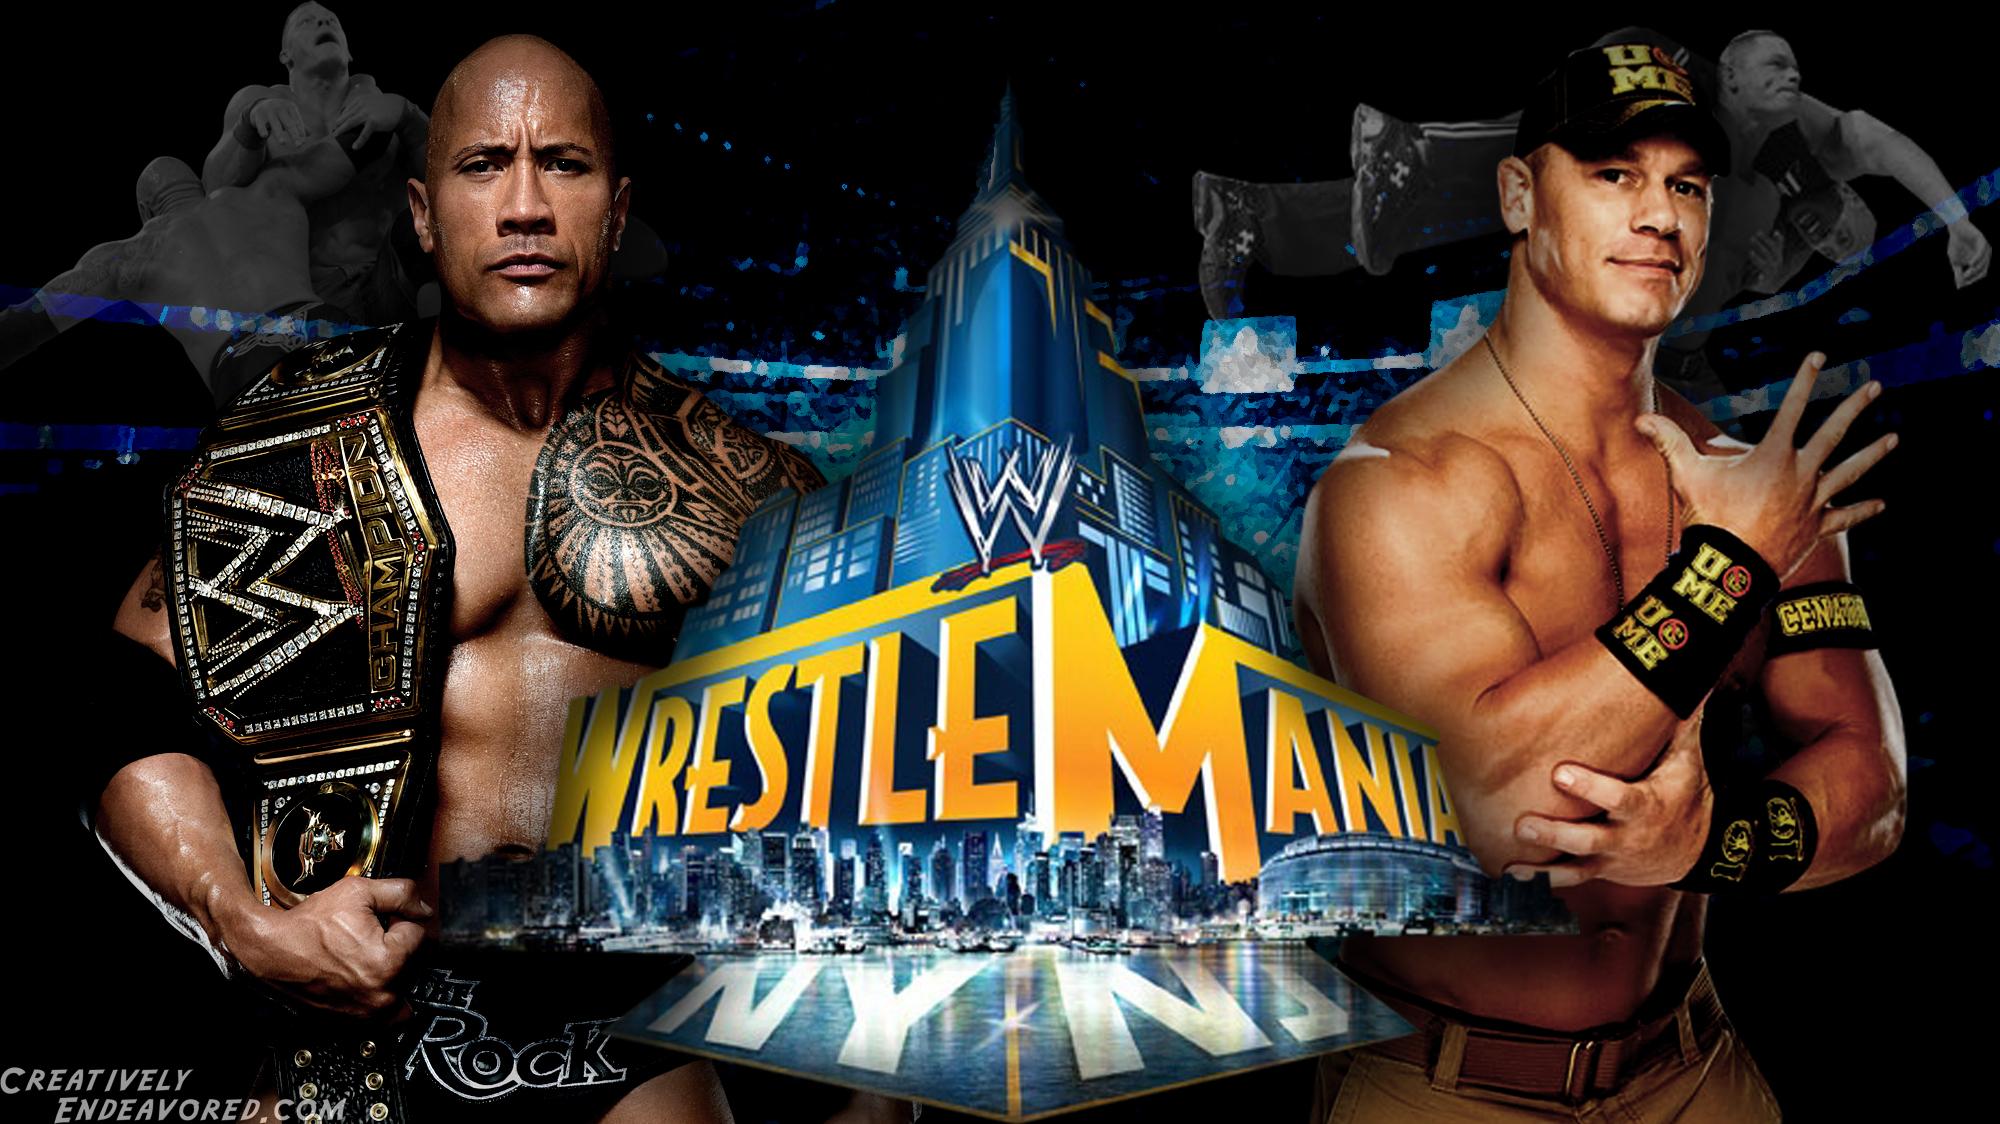 Wrestlemania Wallpaper Wednesday The Rock Vs John Cena For The Wwe